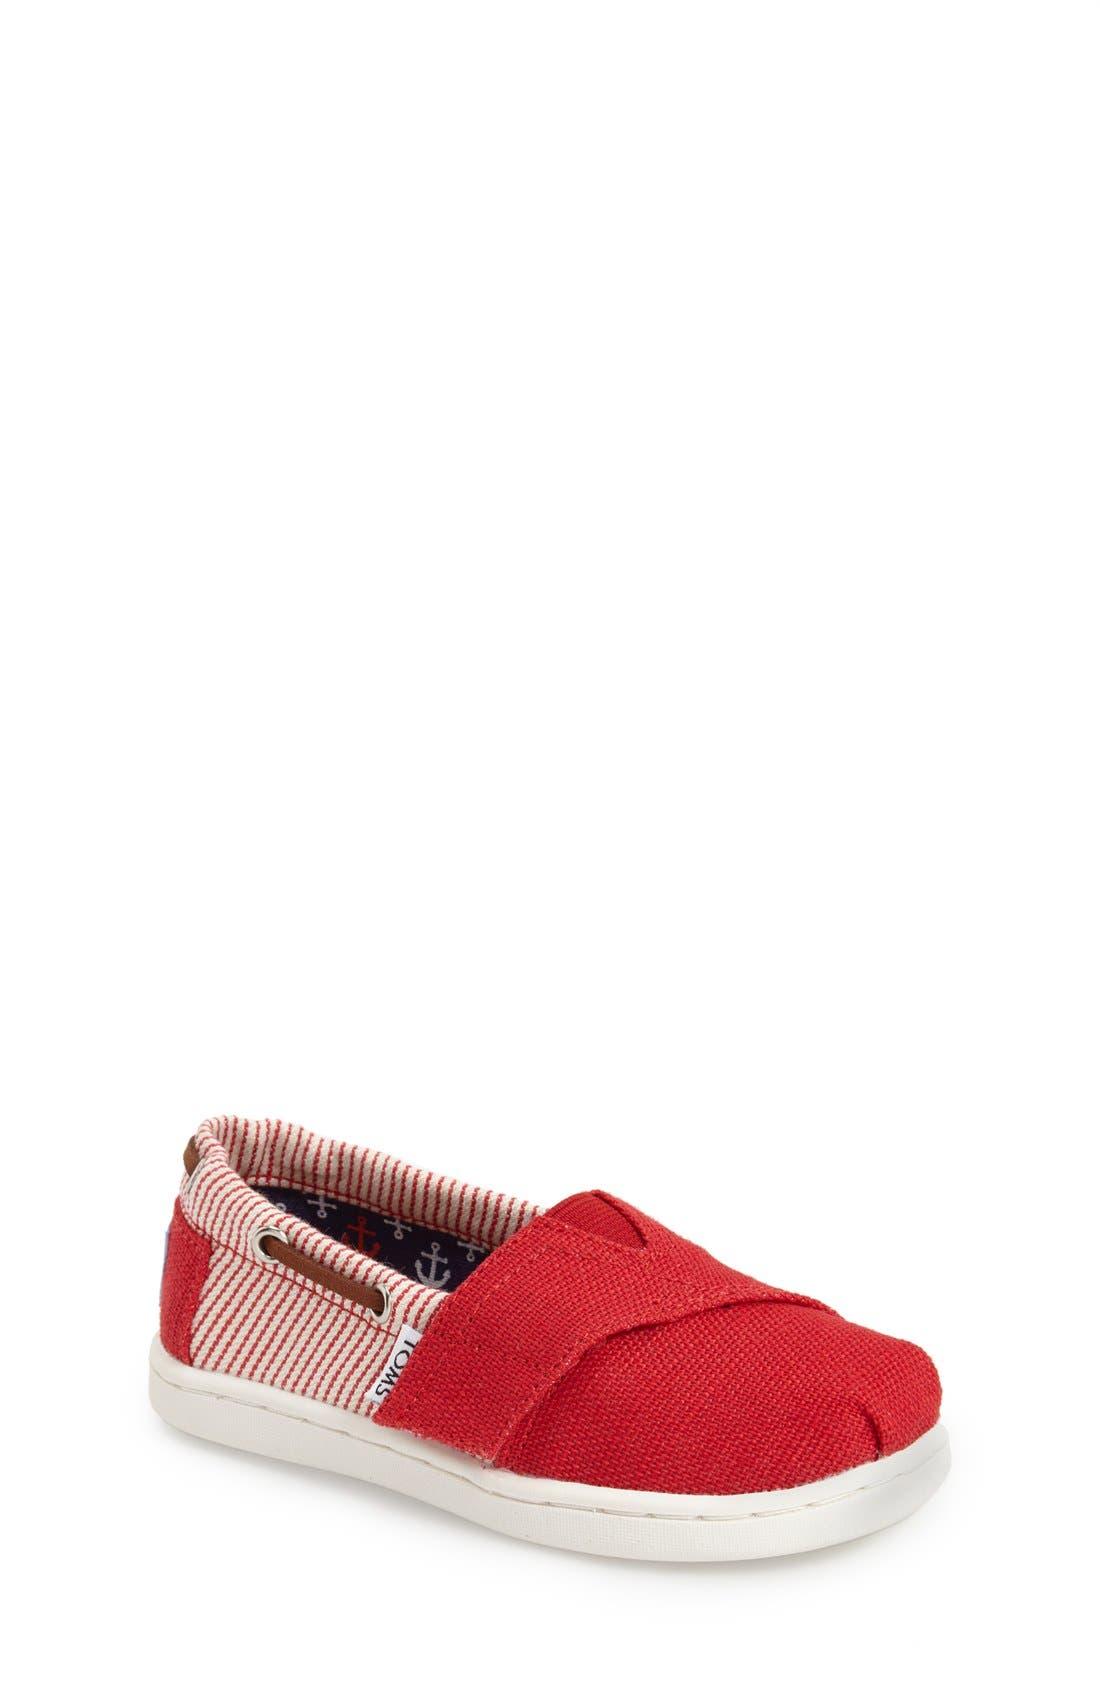 'Bimini - Tiny' Slip-On,                             Main thumbnail 1, color,                             Medium Red